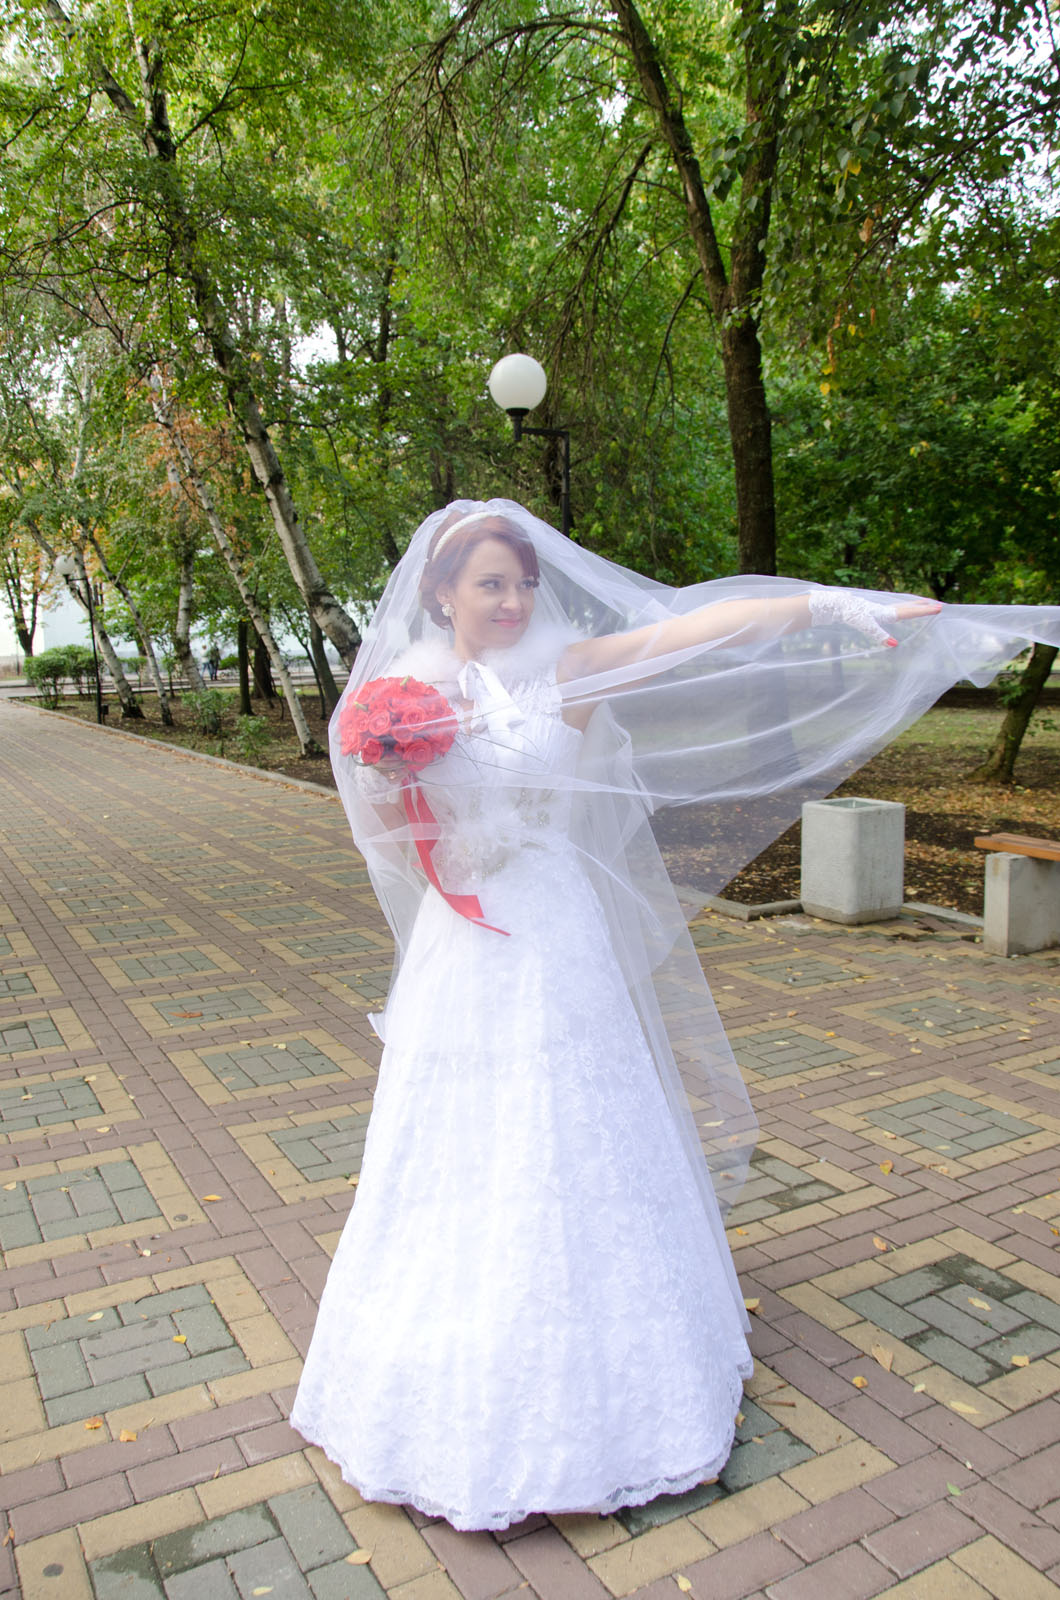 bröllopspar fotografering (16)